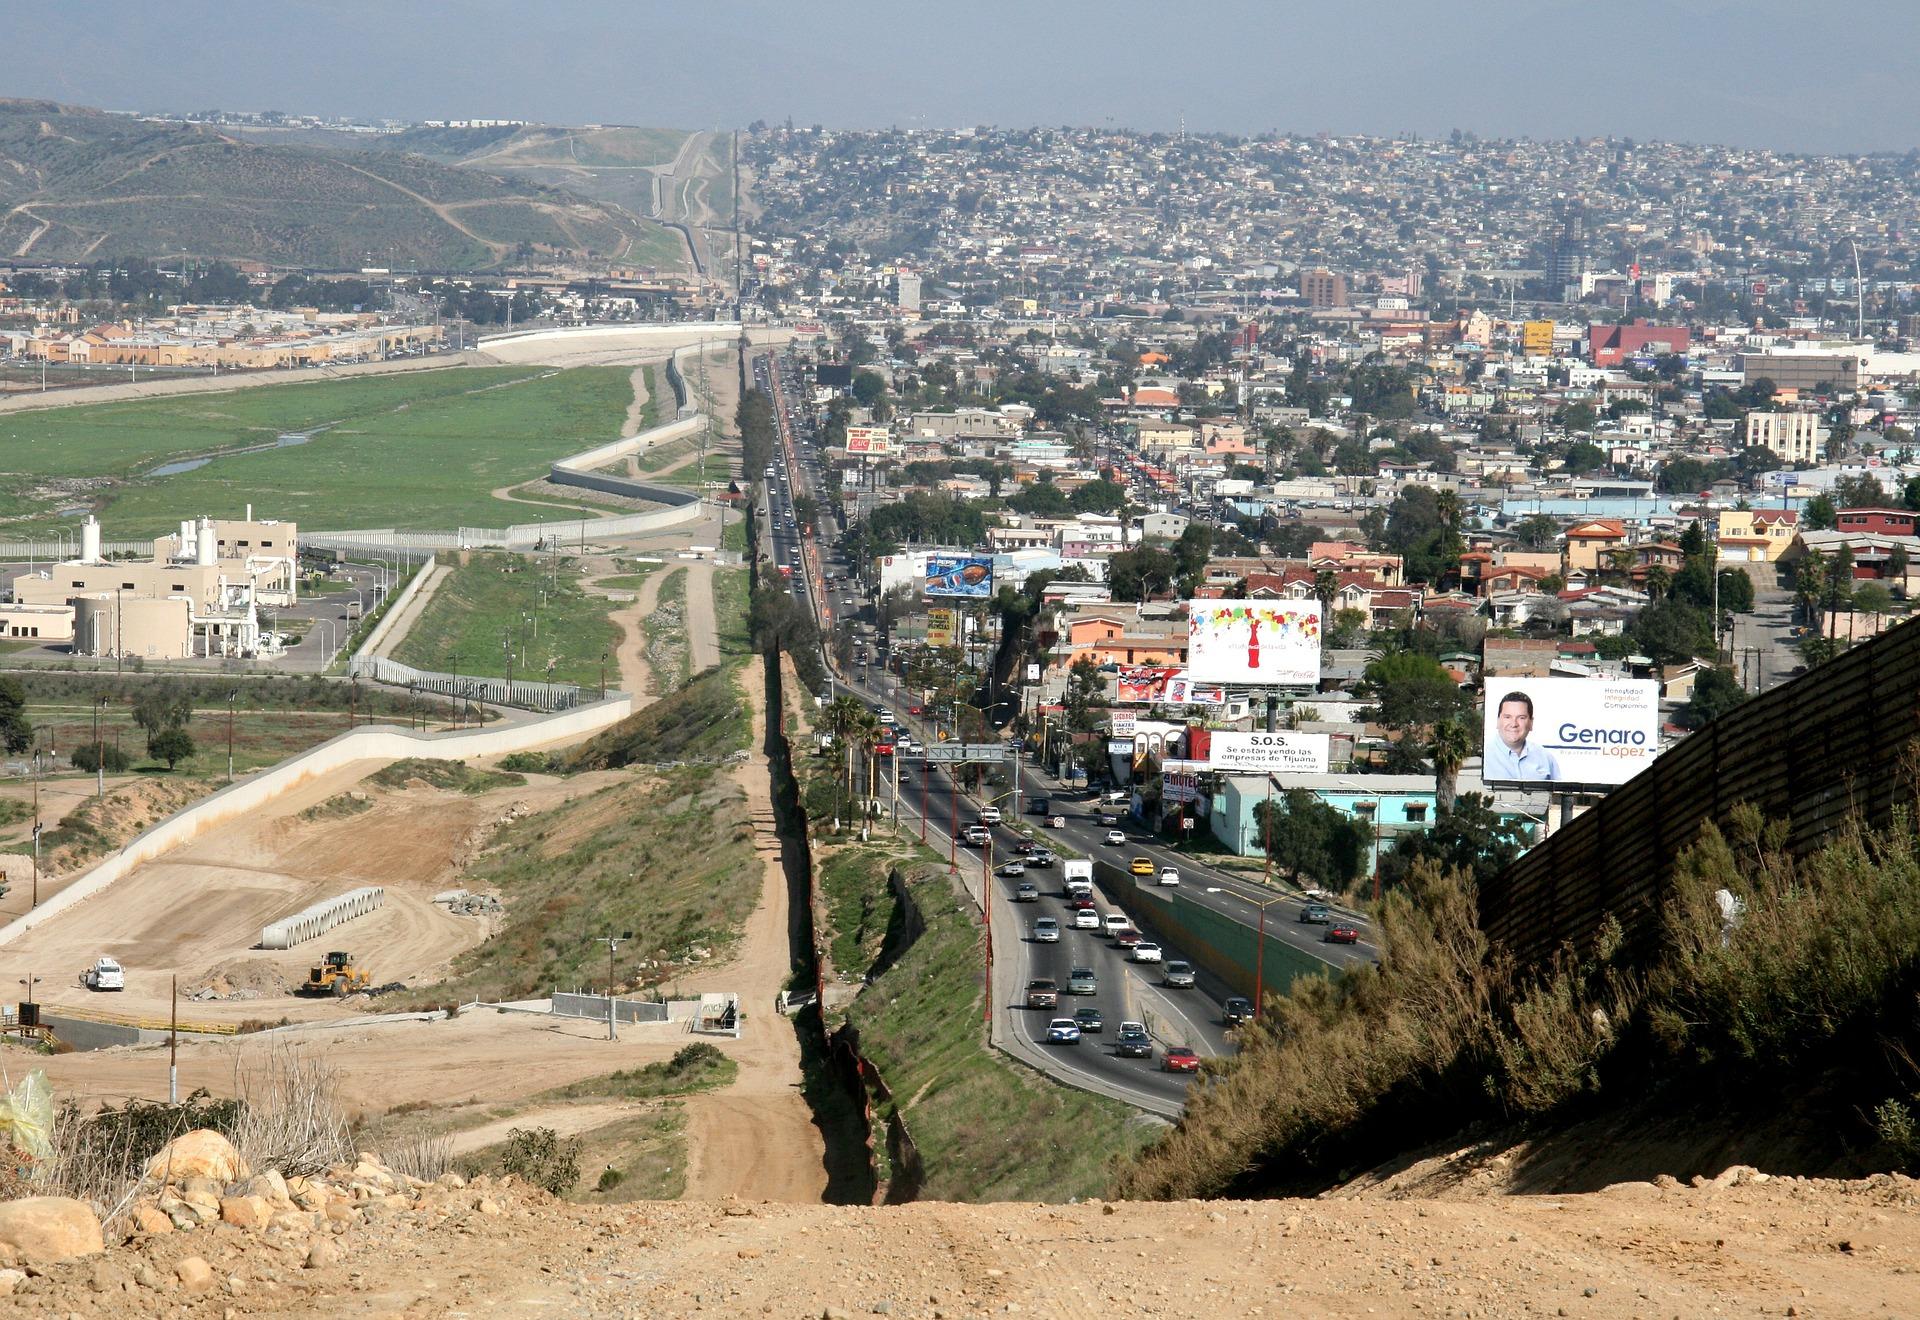 Grenze zwischen den USA und Mexiko, auf der einen Seite dicht bebaut, auf der anderen Grenzschutzanlagen